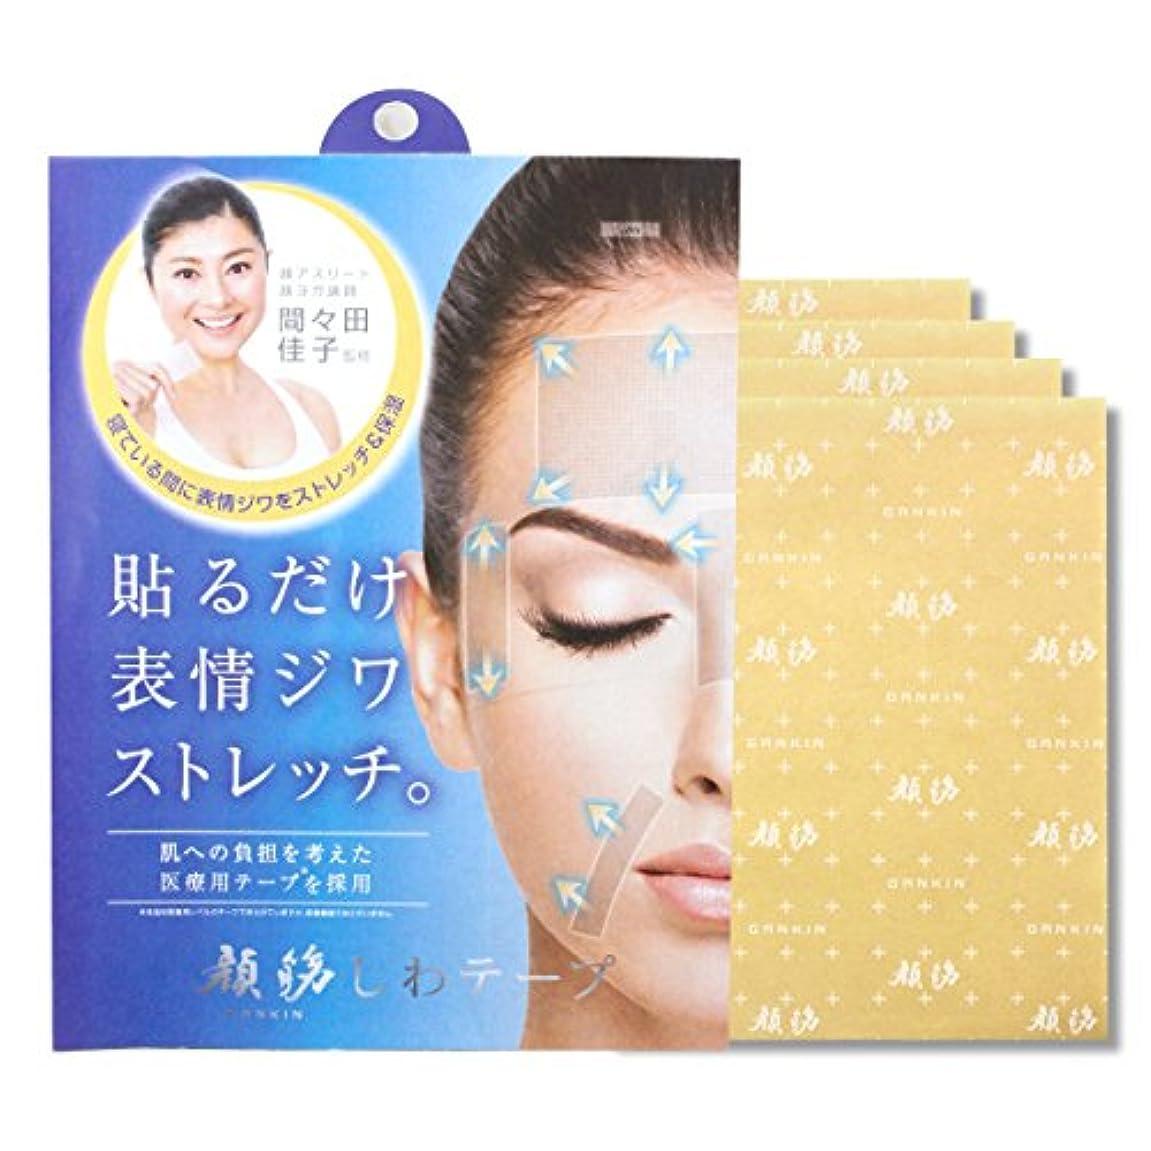 潜在的な没頭する変装顔筋シワテープ (4枚組)